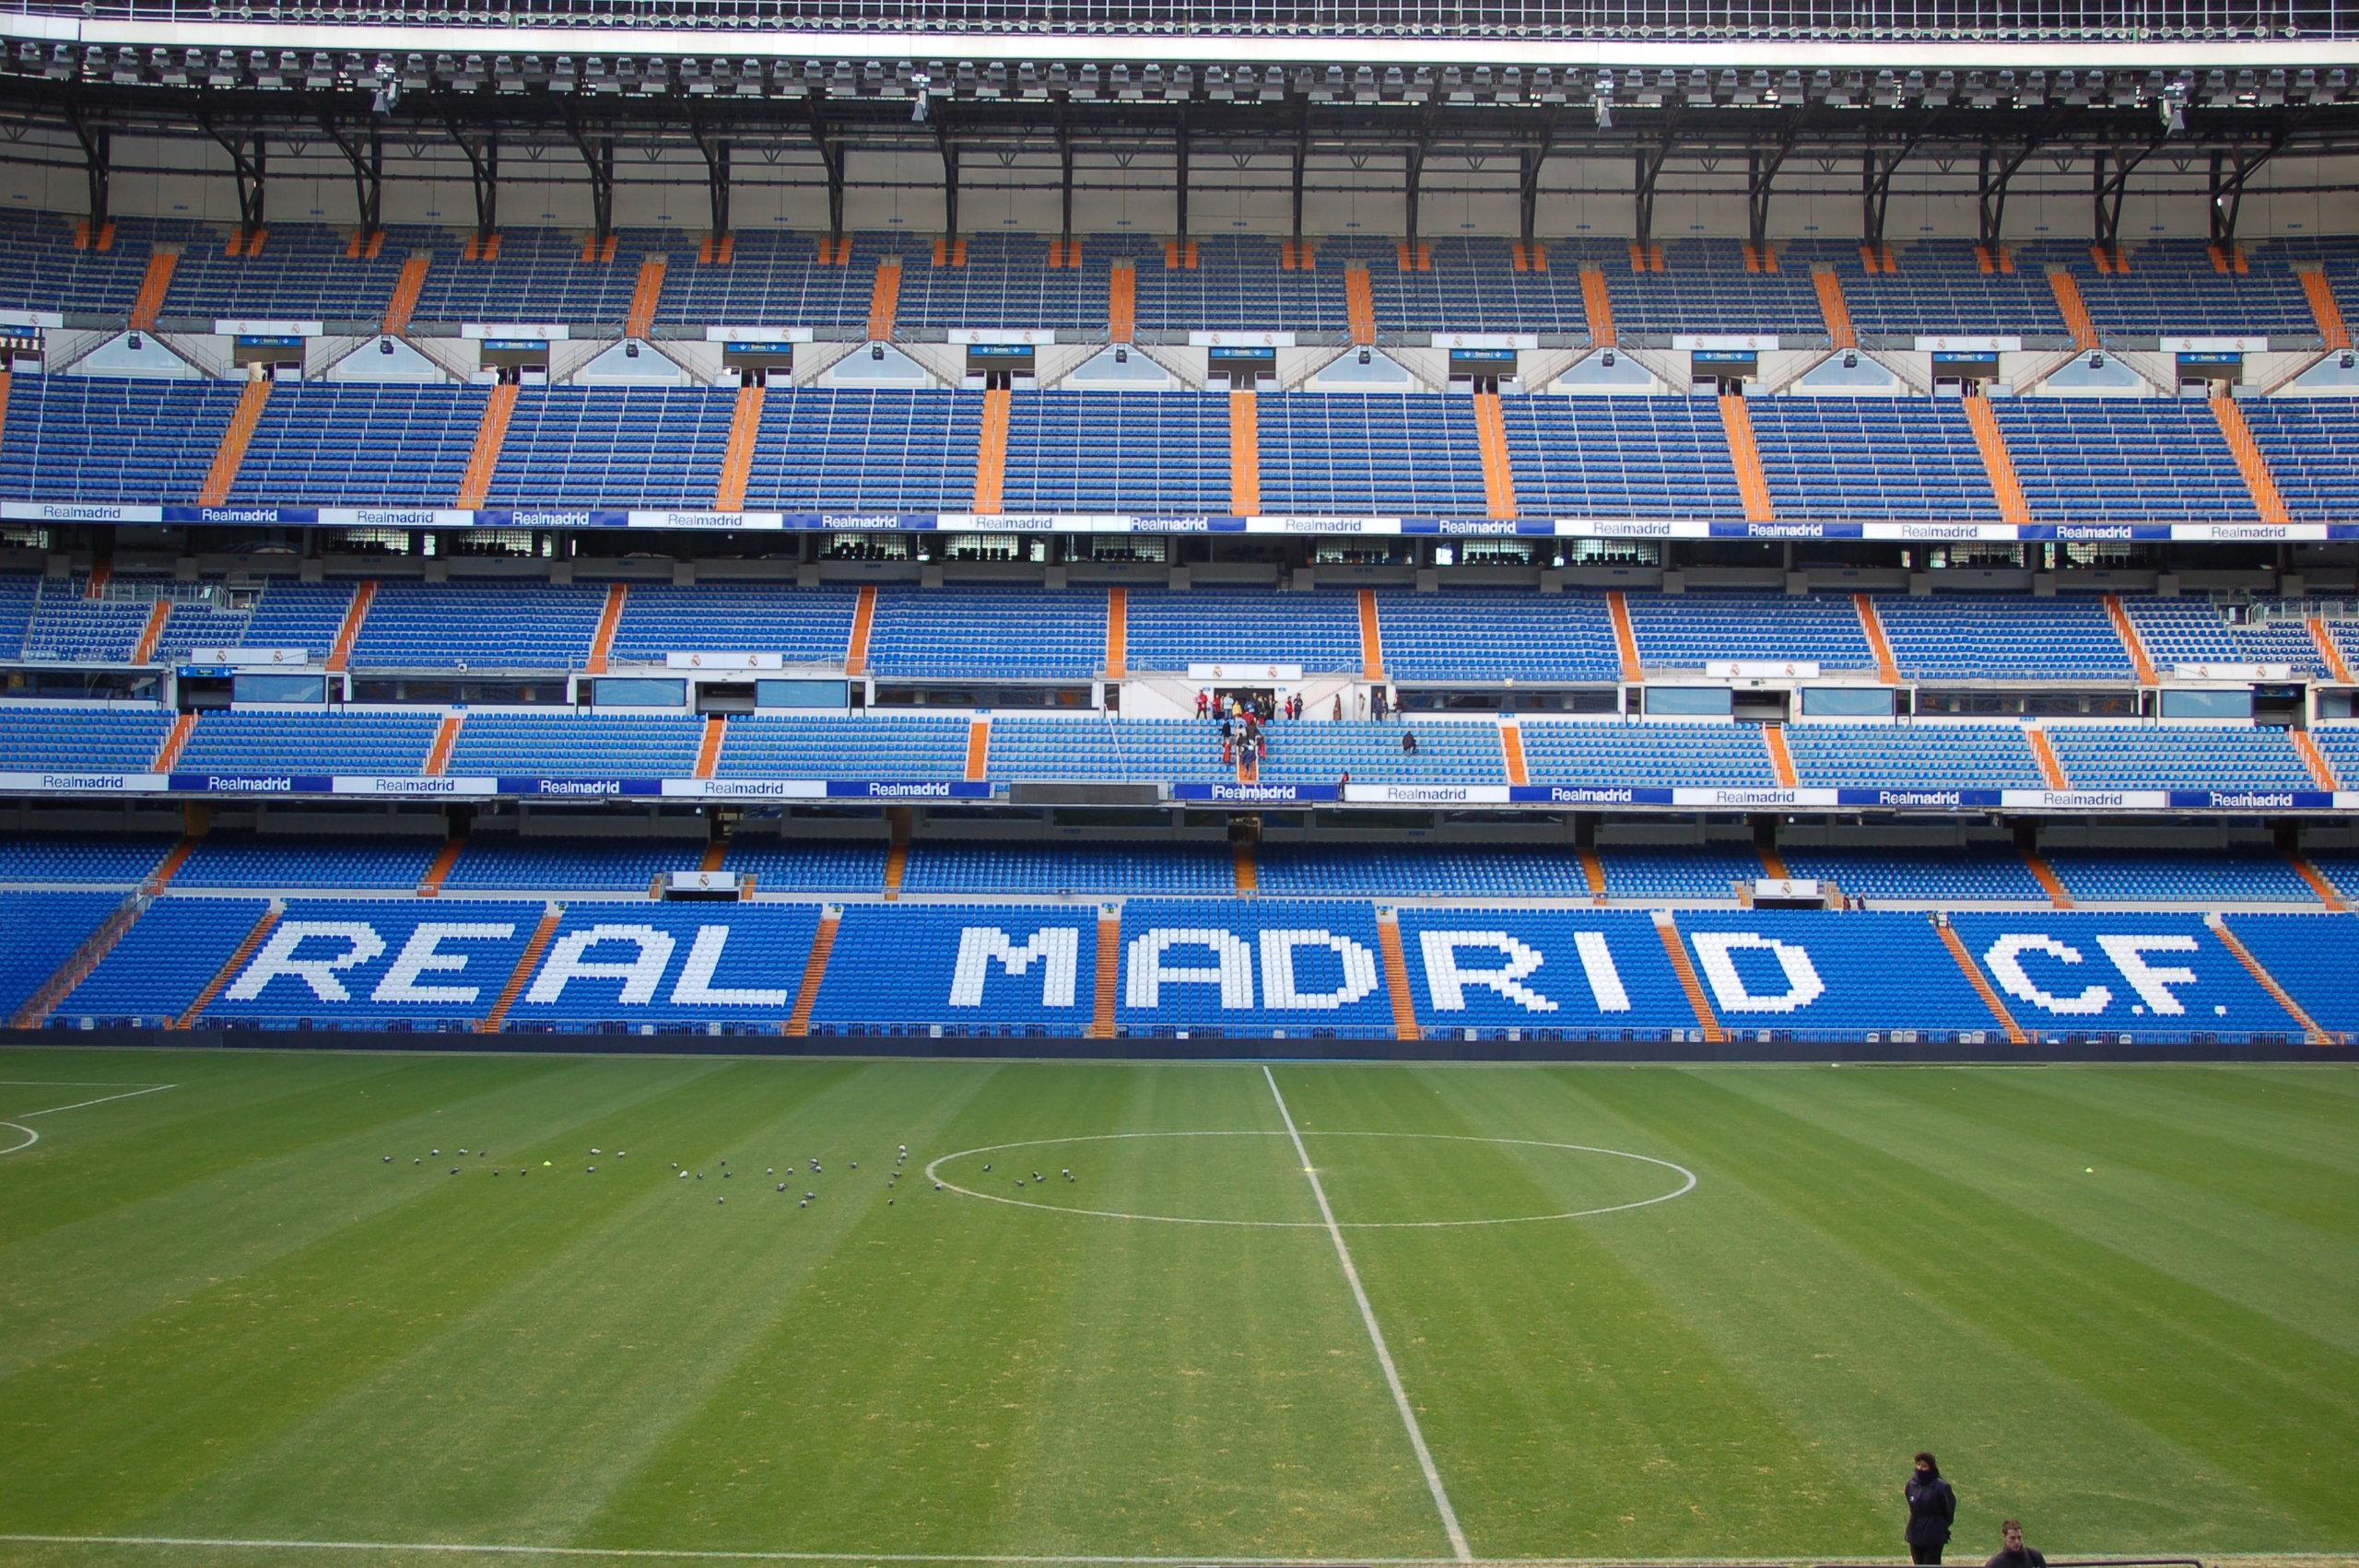 På en rejse til Madrid kan du også se Bernabeu